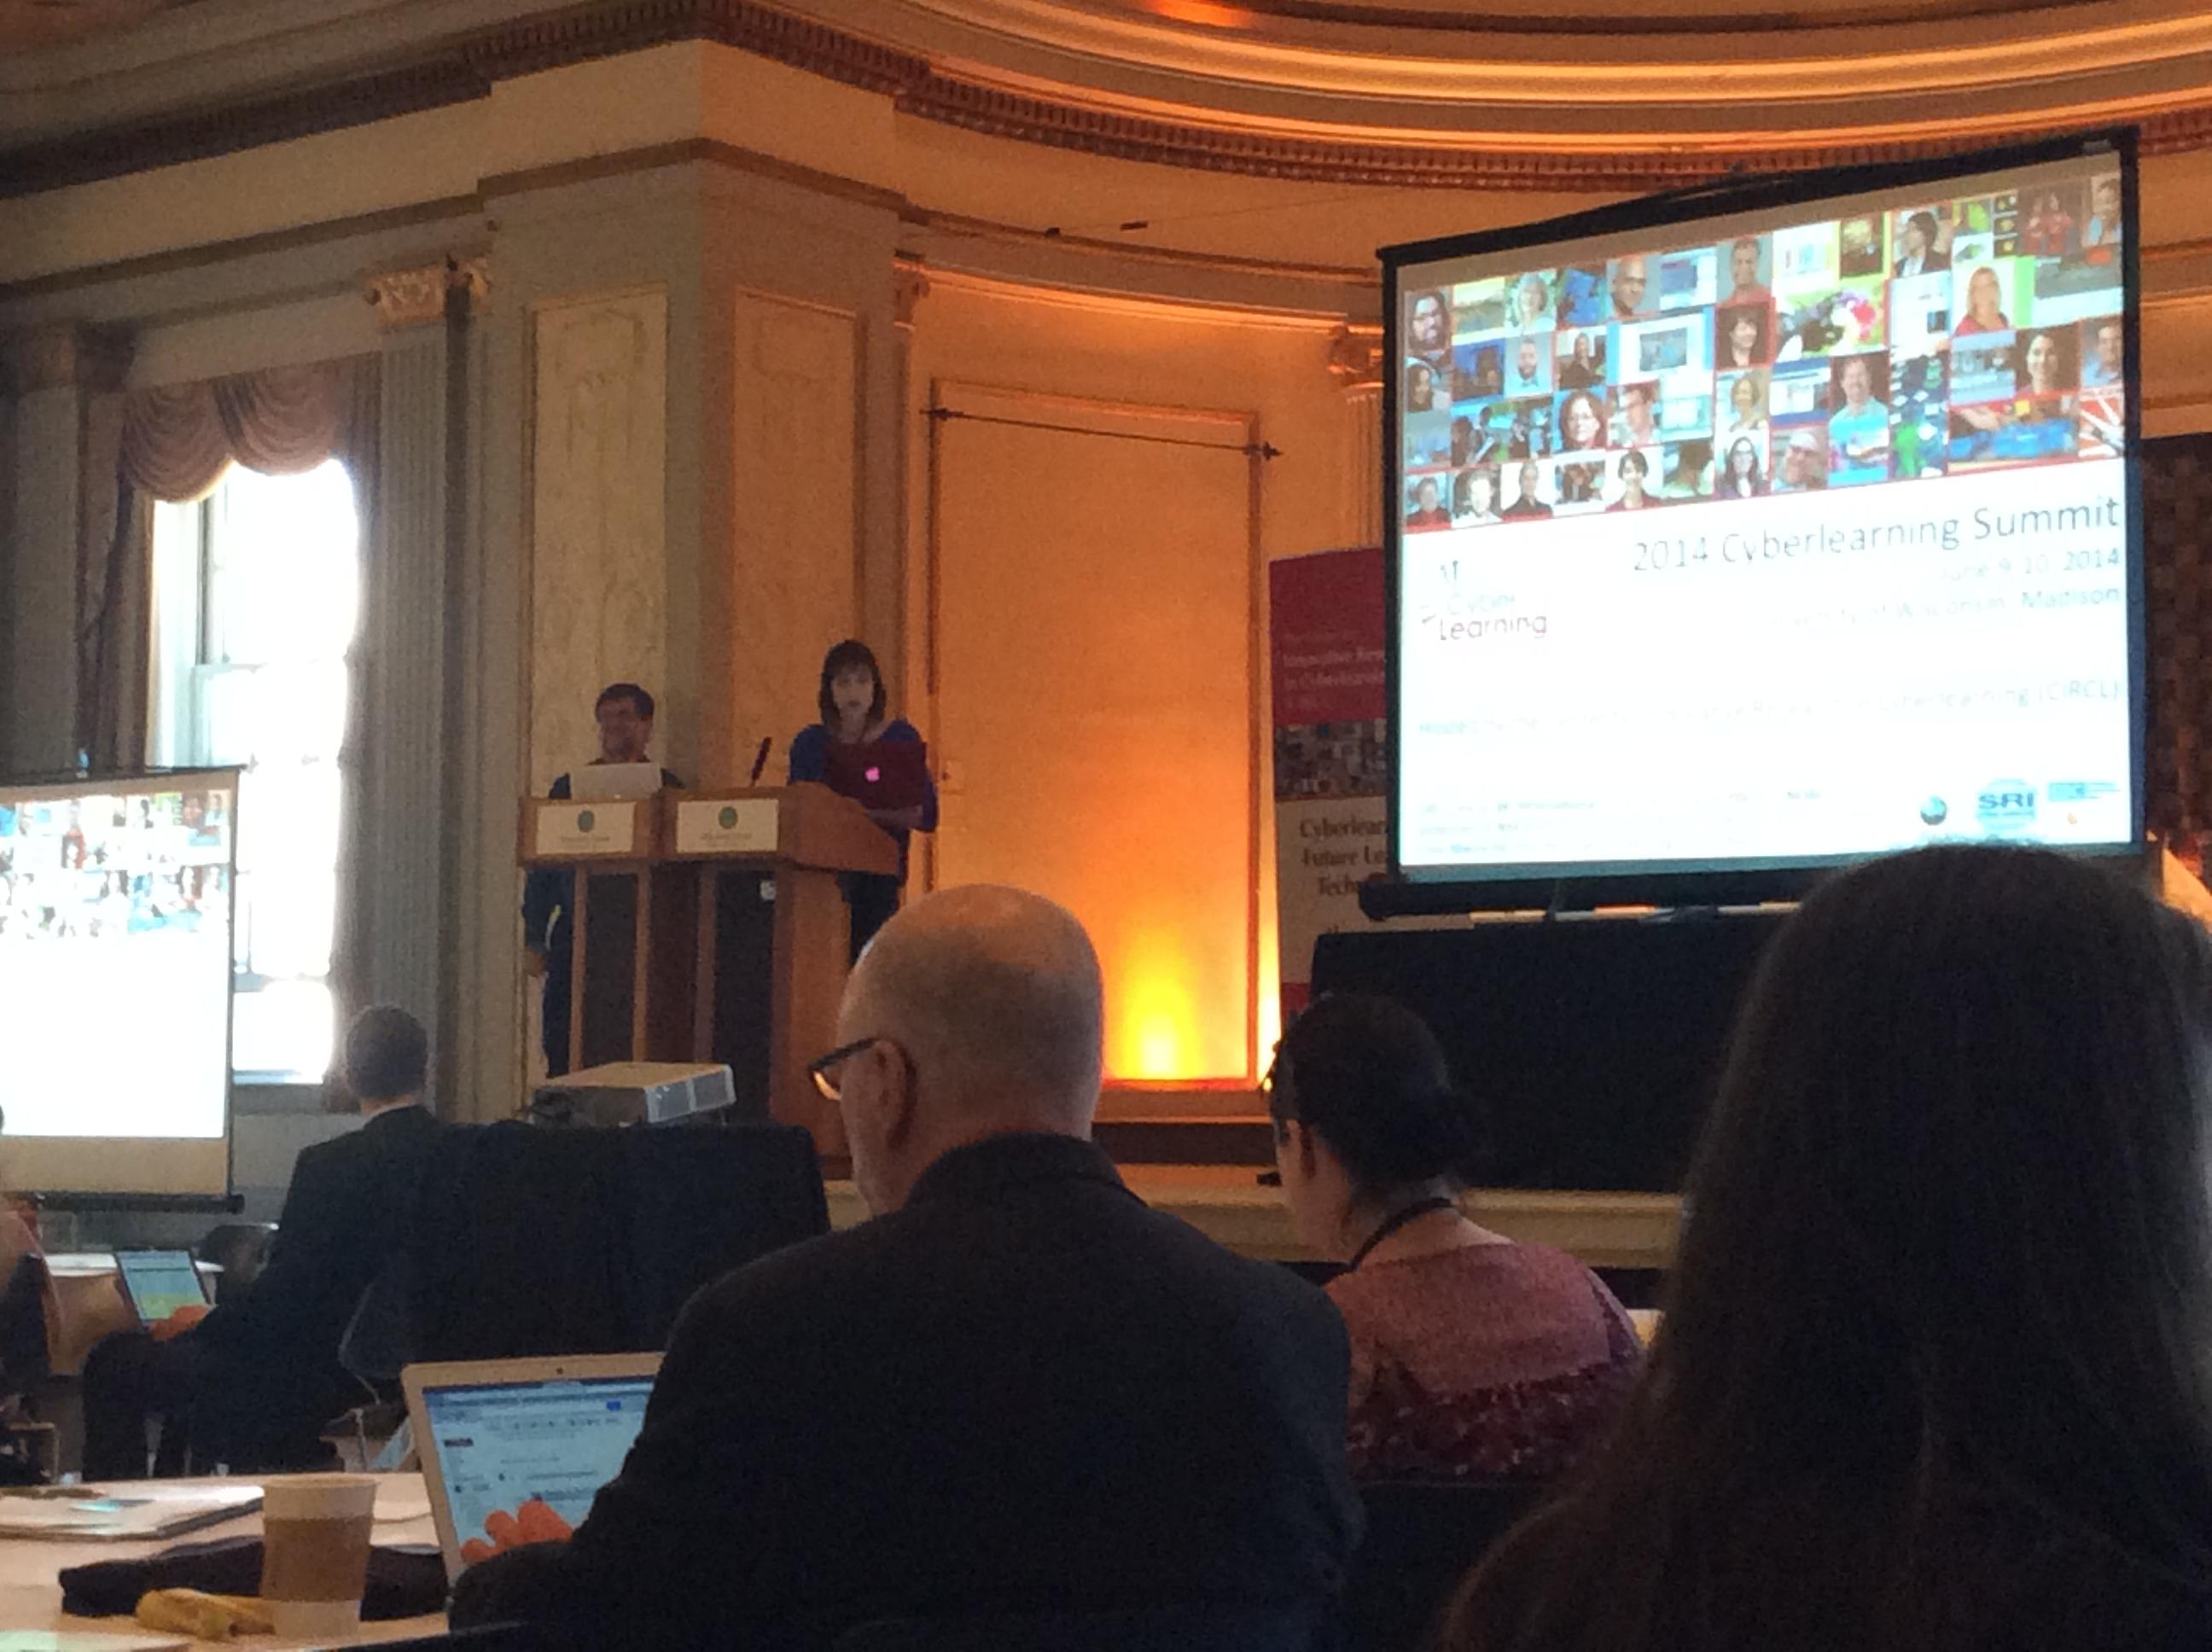 CyberLearning Summit 8